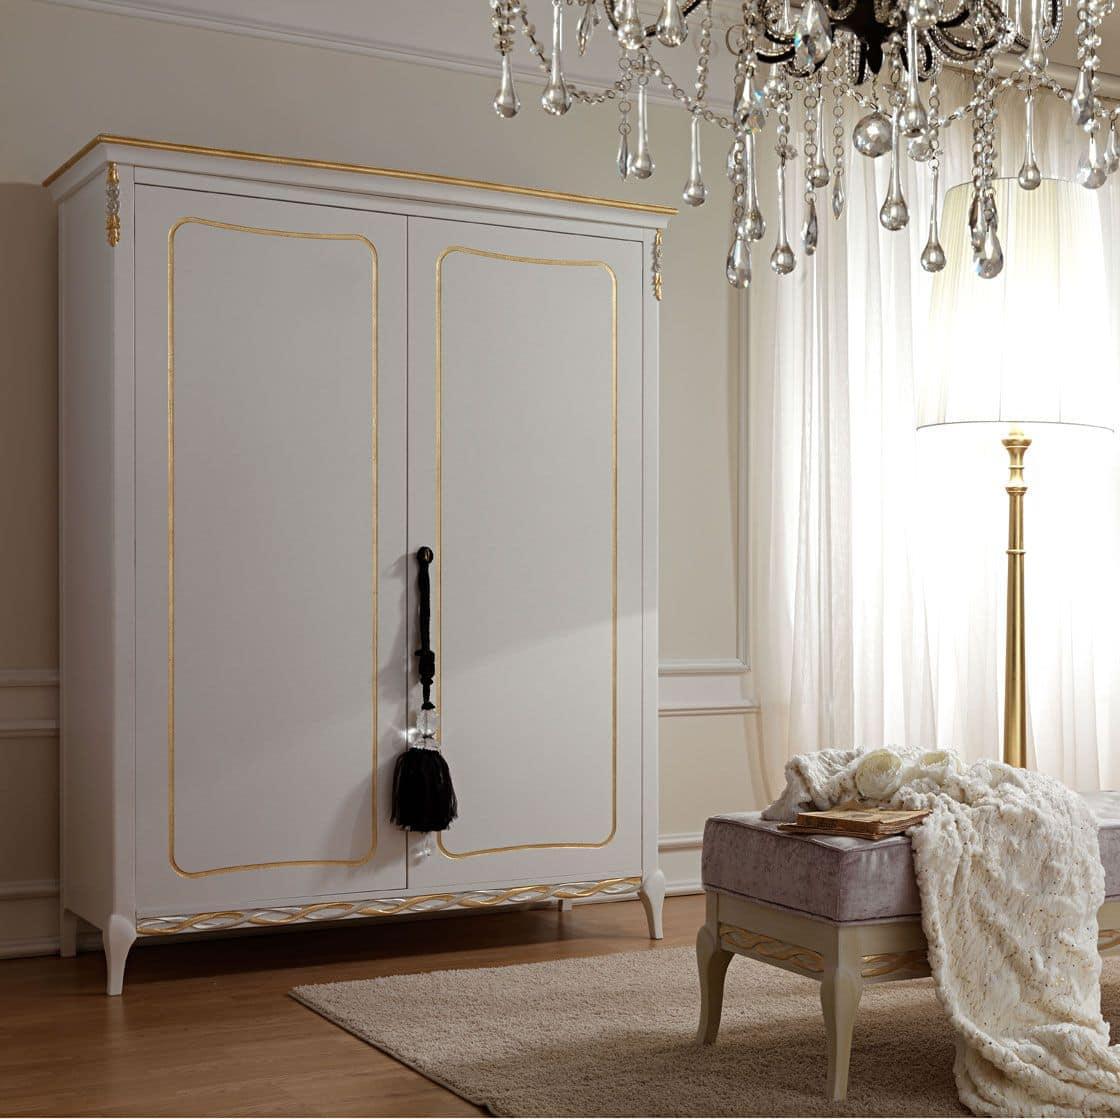 Armadio guardaroba in stile classico in legno a 2 o 4 for Guardaroba ingresso